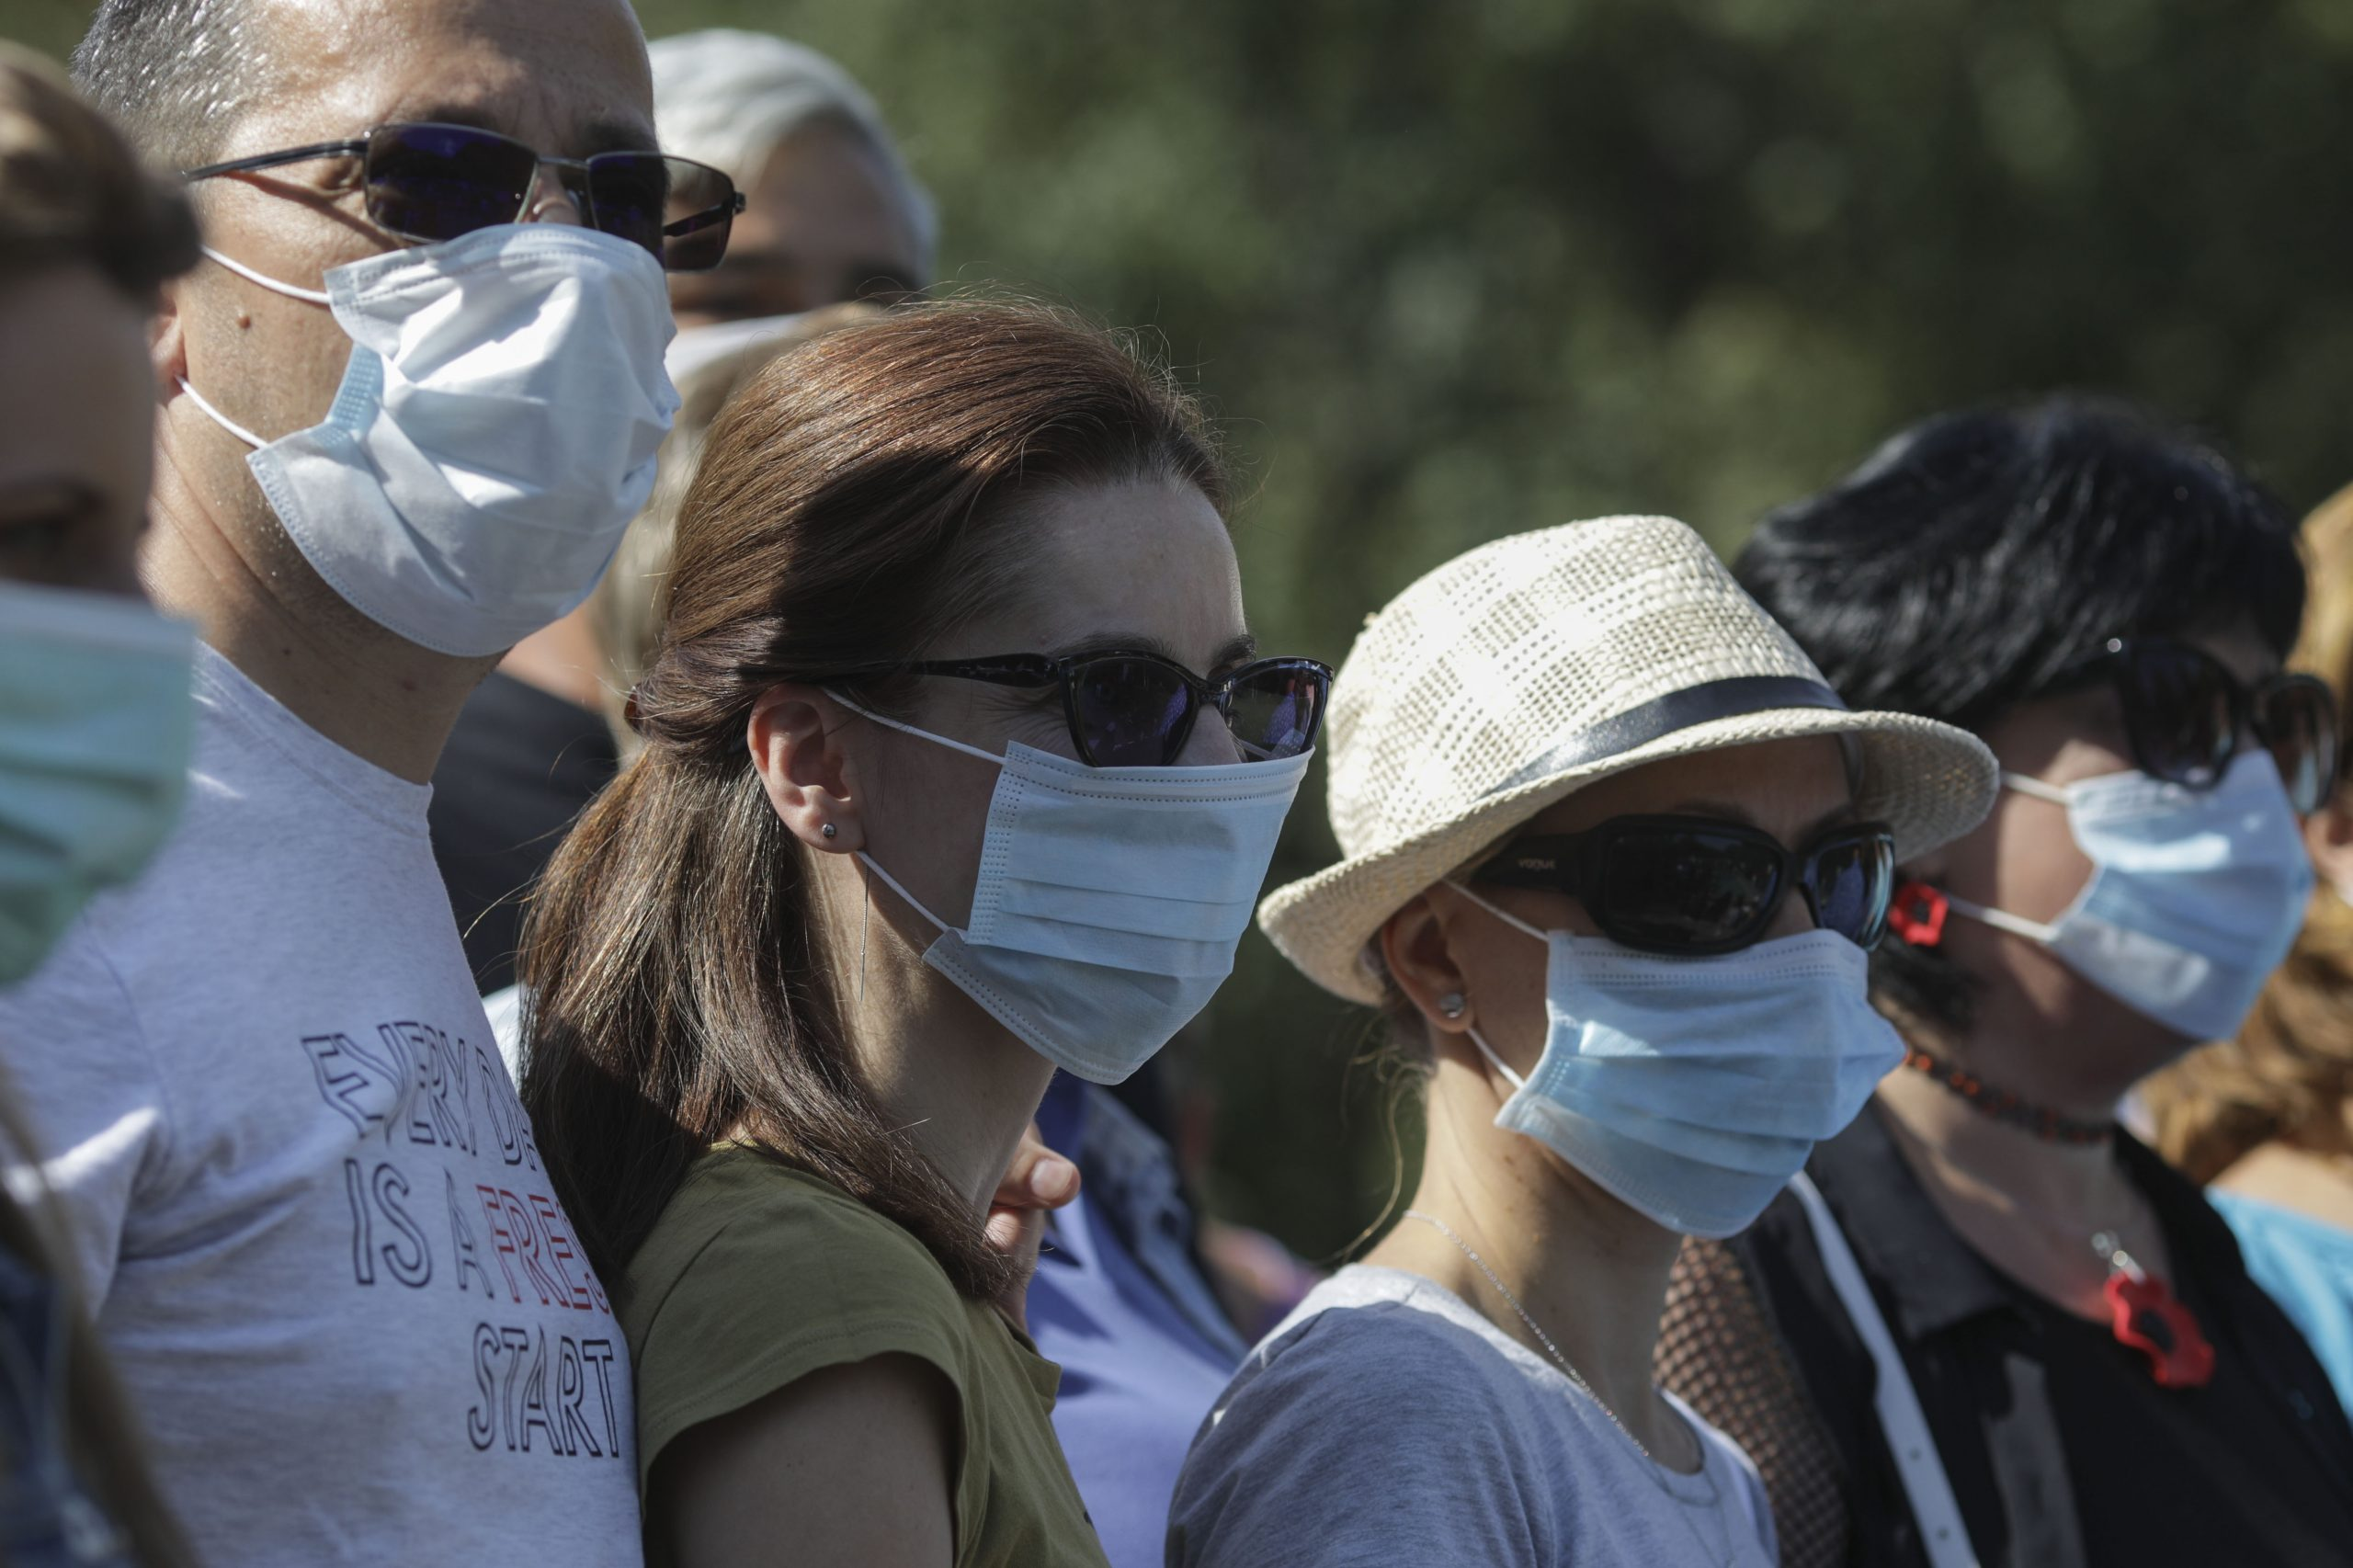 Prefectul Capitalei spune că masca de protecție ar putea să devină iar obligatorie pe stradă în București. Pentru început, doar în apropierea școlilor